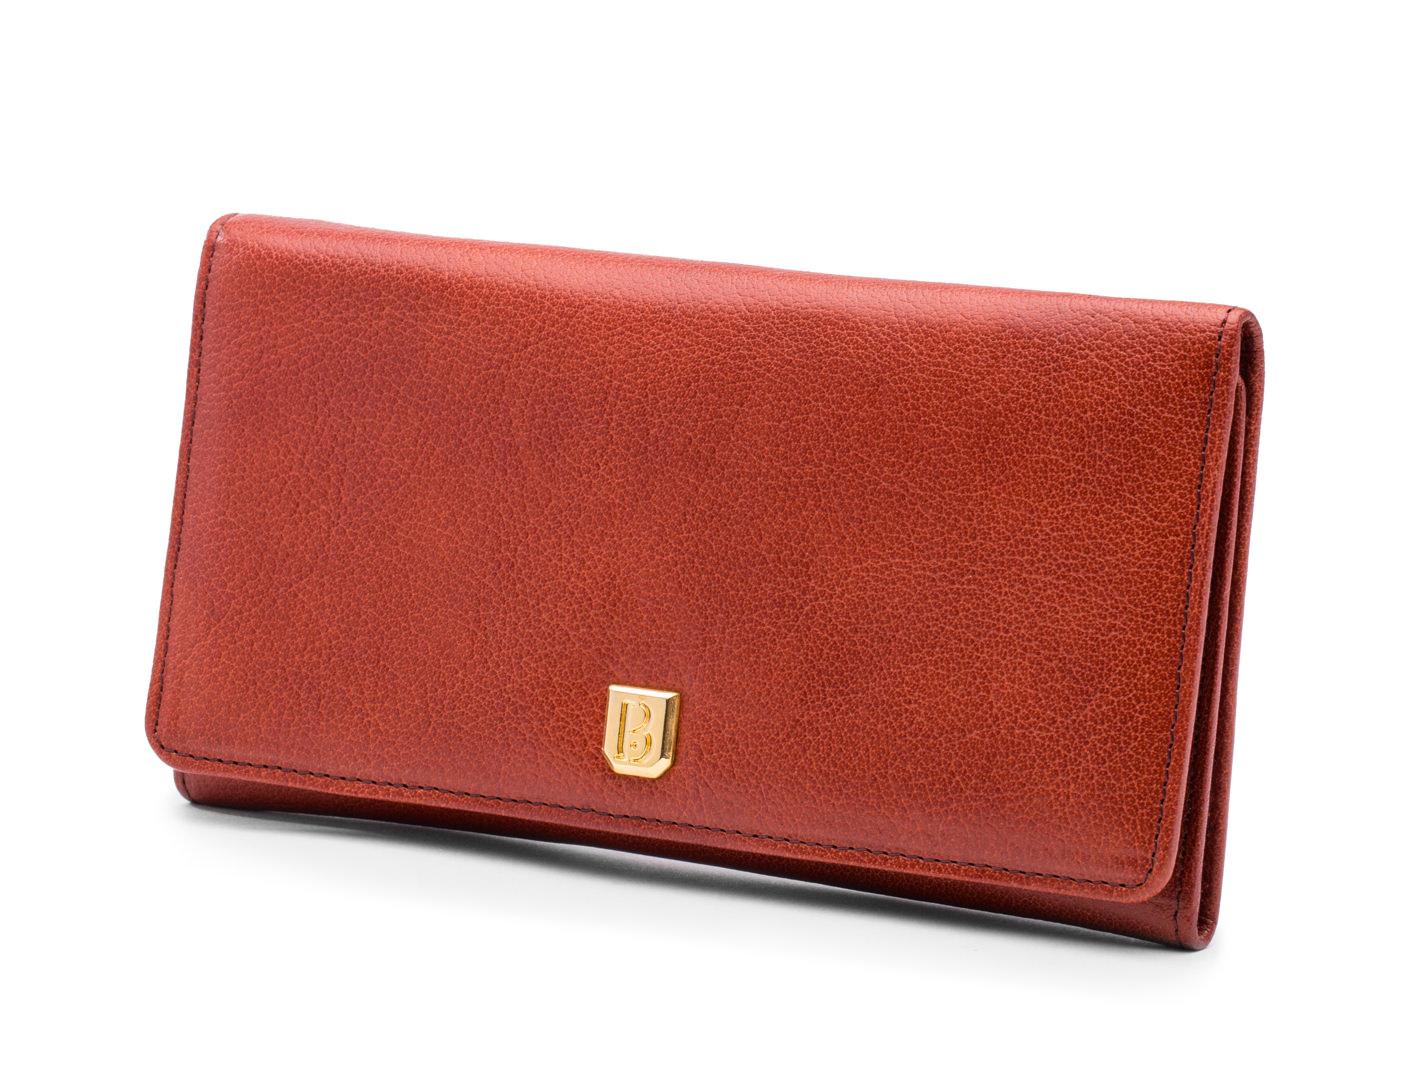 Saddle Brown 8 Pocket Vertical Wallet - 71 Saddle Brown